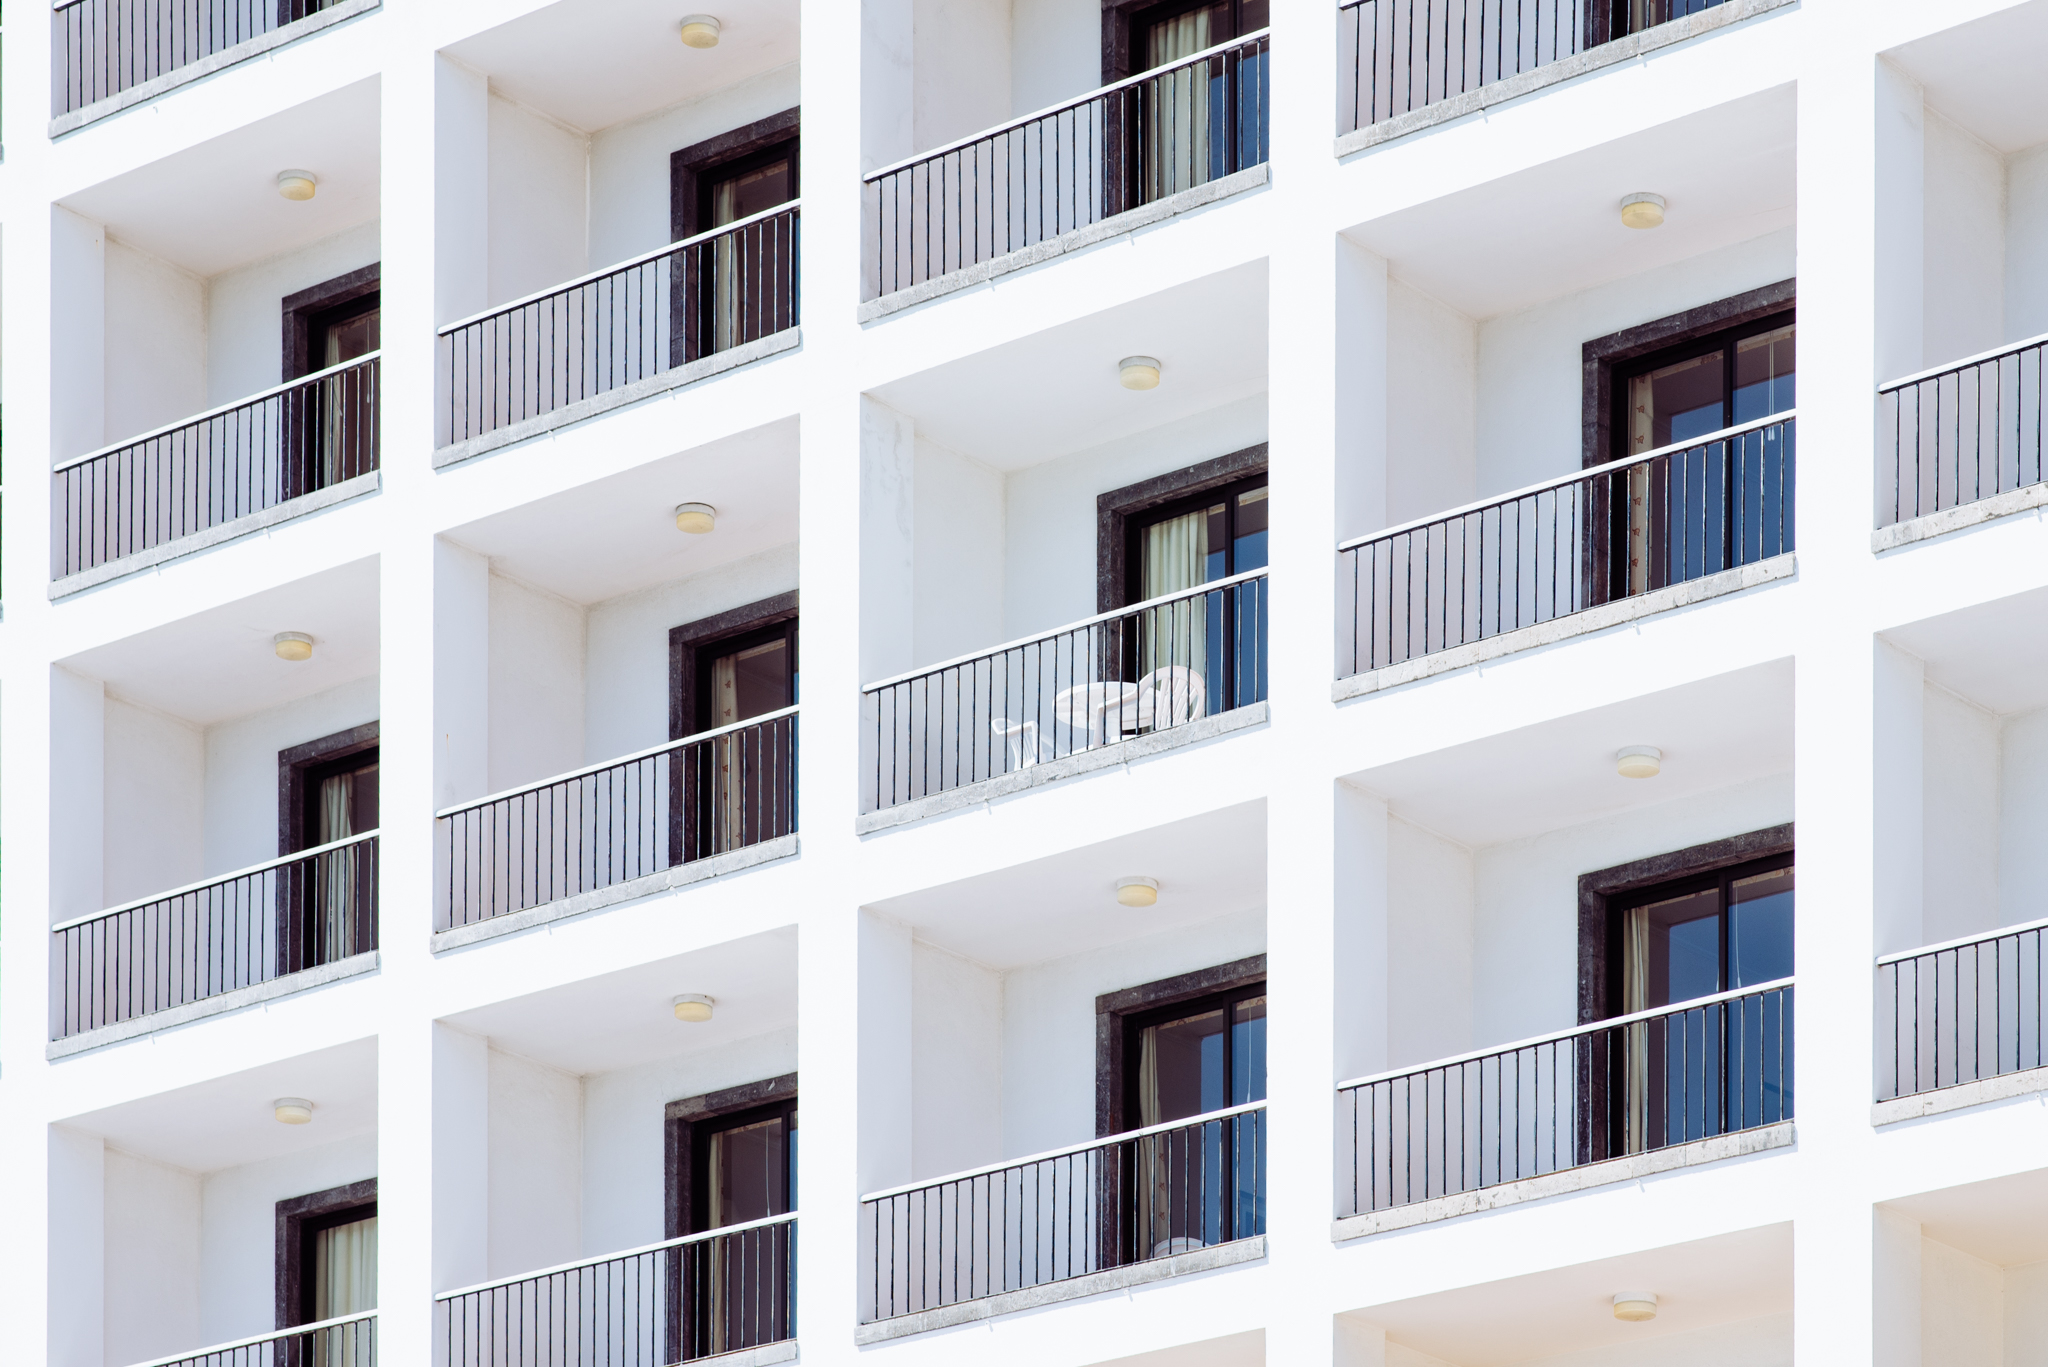 Üres szállodák Ponta Delgadaban az Azori-szigeteken